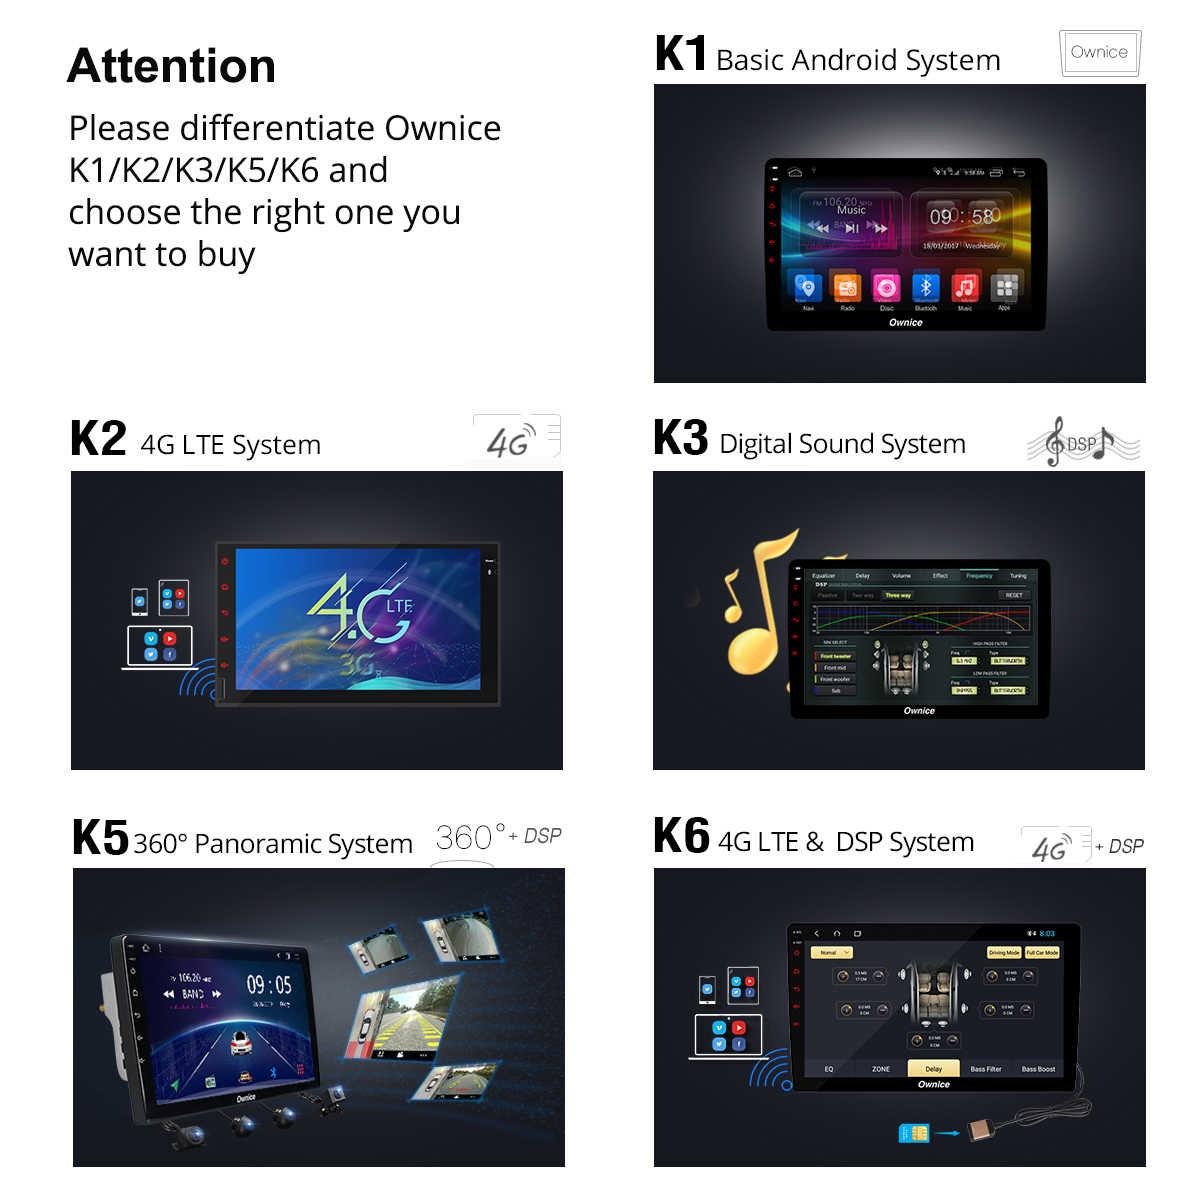 Ownice K1 K2 K3 K5 K6 車 DVD プレーヤー 360 パノラマ DSP アンドロイド 8.1 Gps ナビシボレートラックス 2017 ラジオステレオマルチメディア 4 グラム